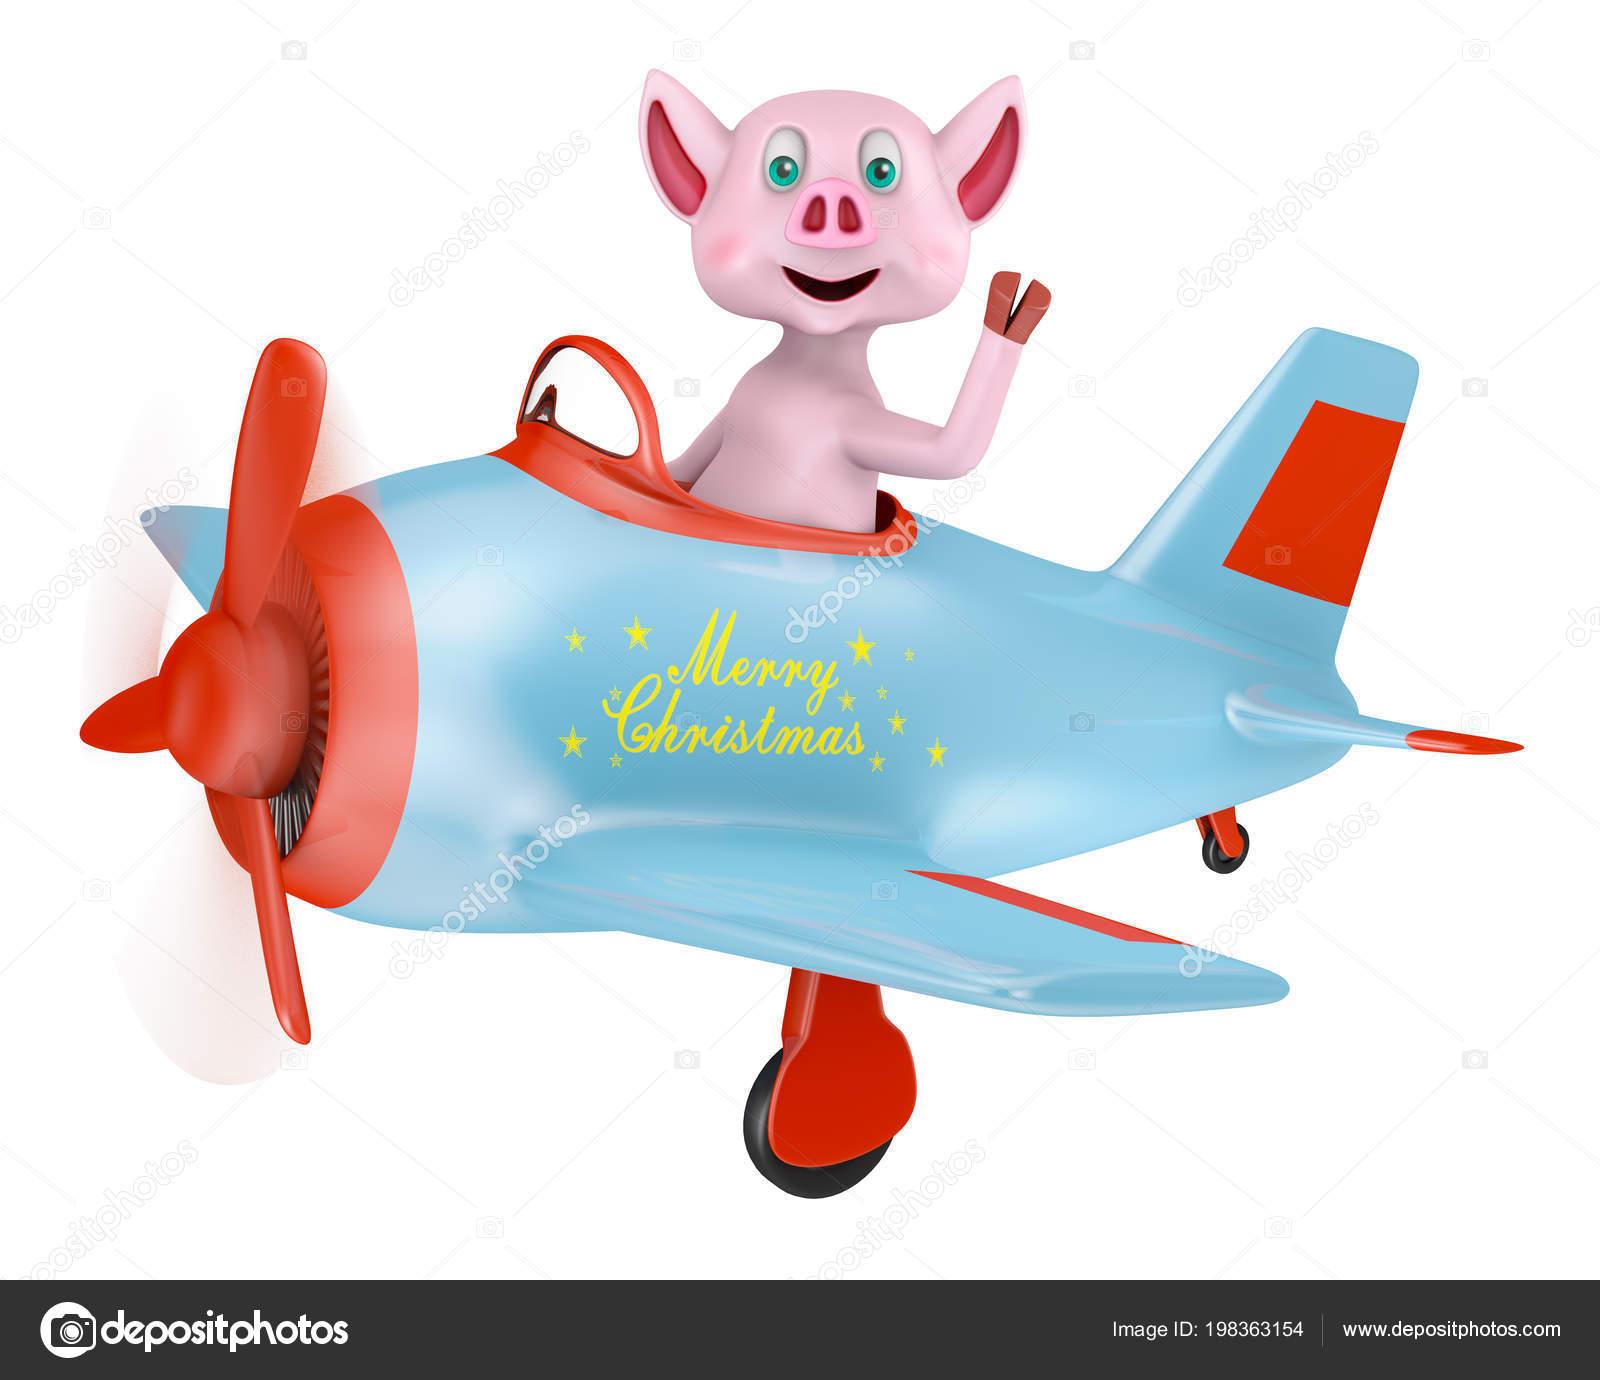 Frohe Weihnachten Flugzeug.Ferkel Einem Flugzeug Mit Der Aufschrift Frohe Weihnachten